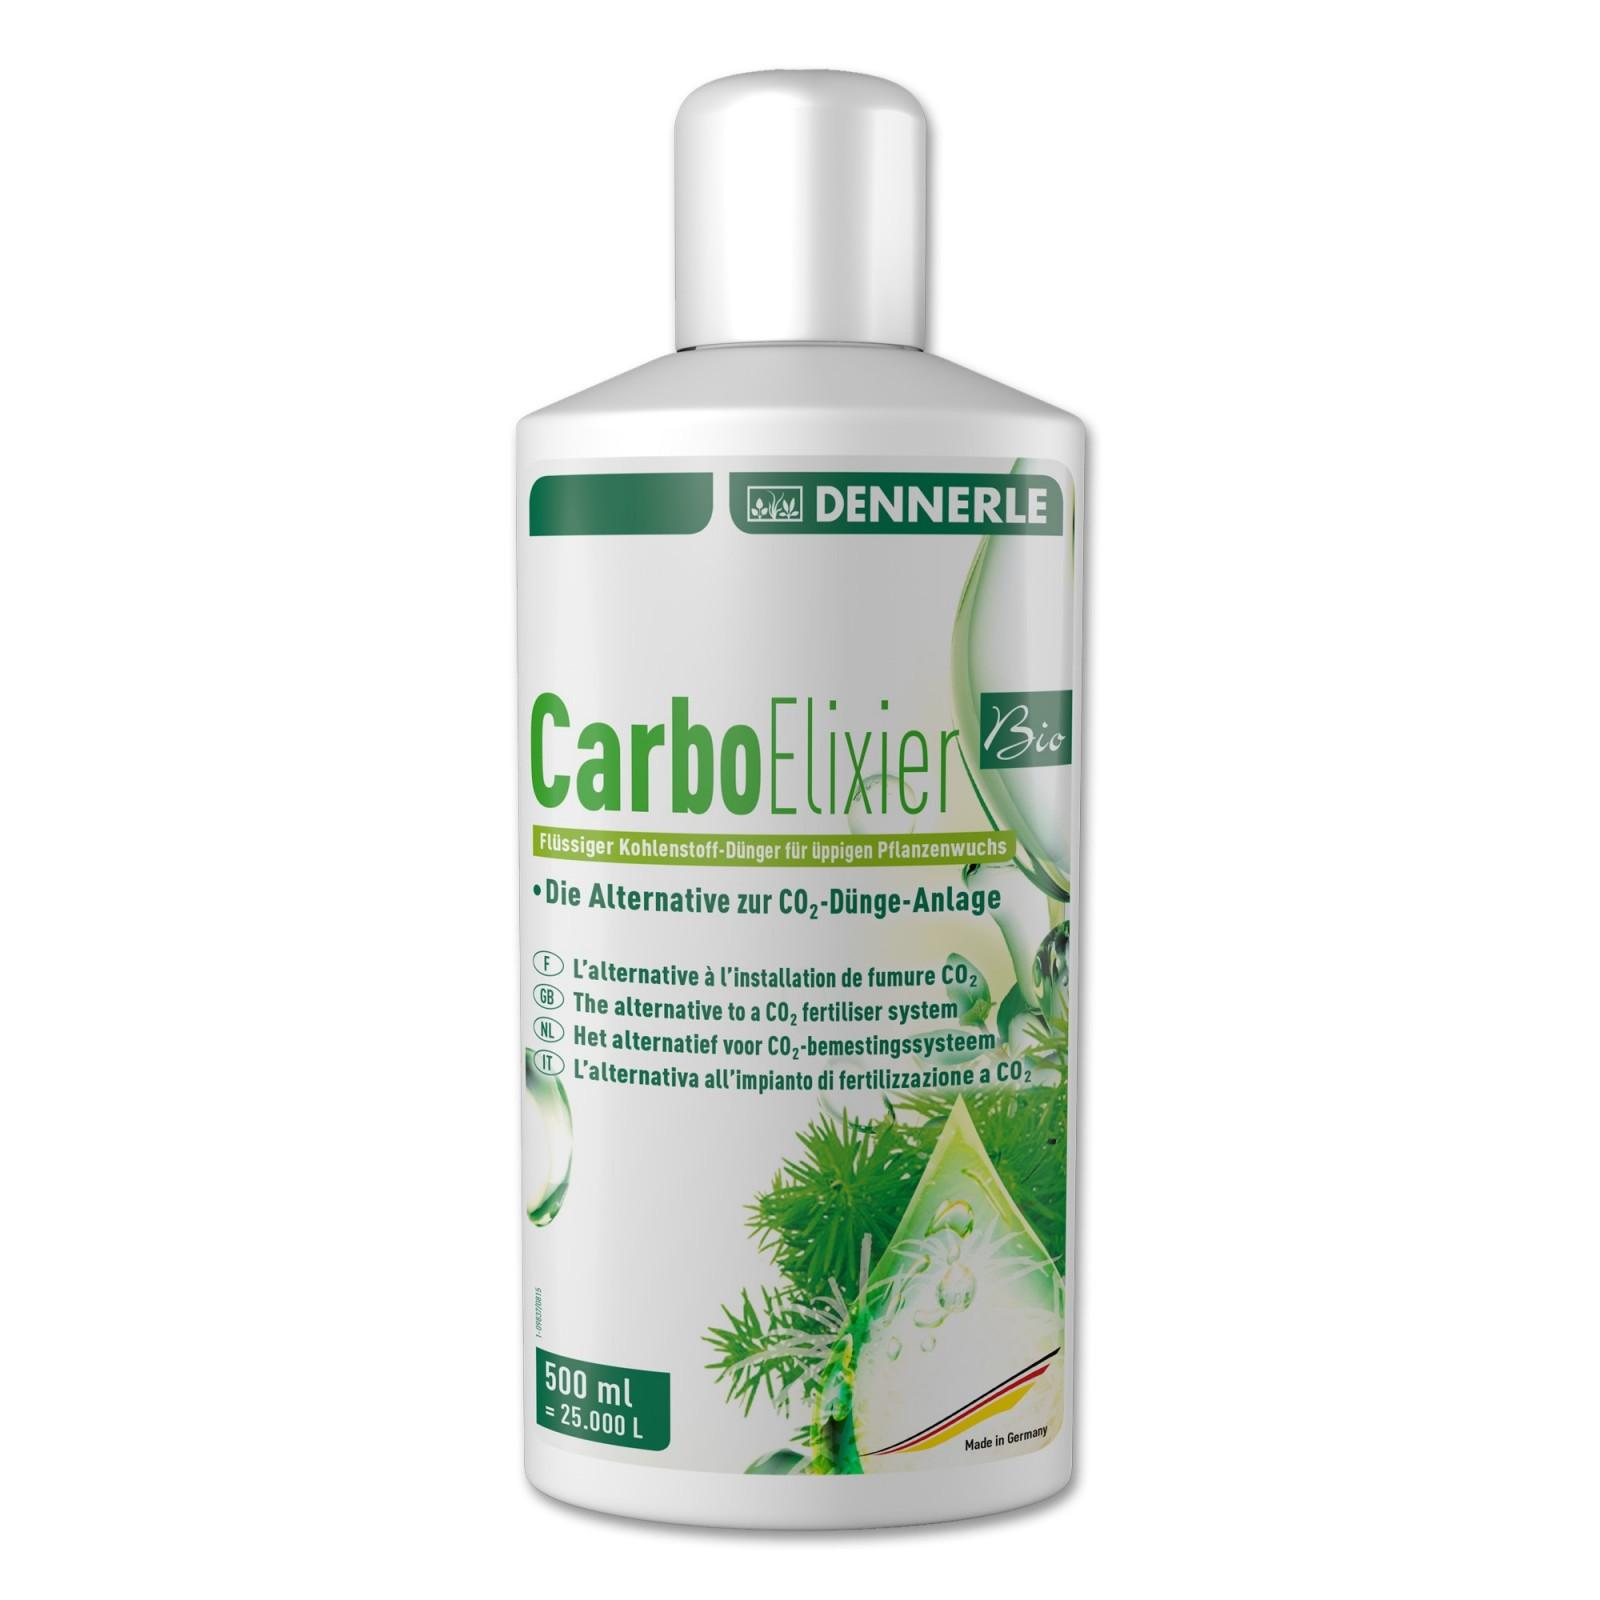 Dennerle 3112 Carbo Elixier Bio 500ml - Fertilizzante al carbonio liquido a base puramente naturale